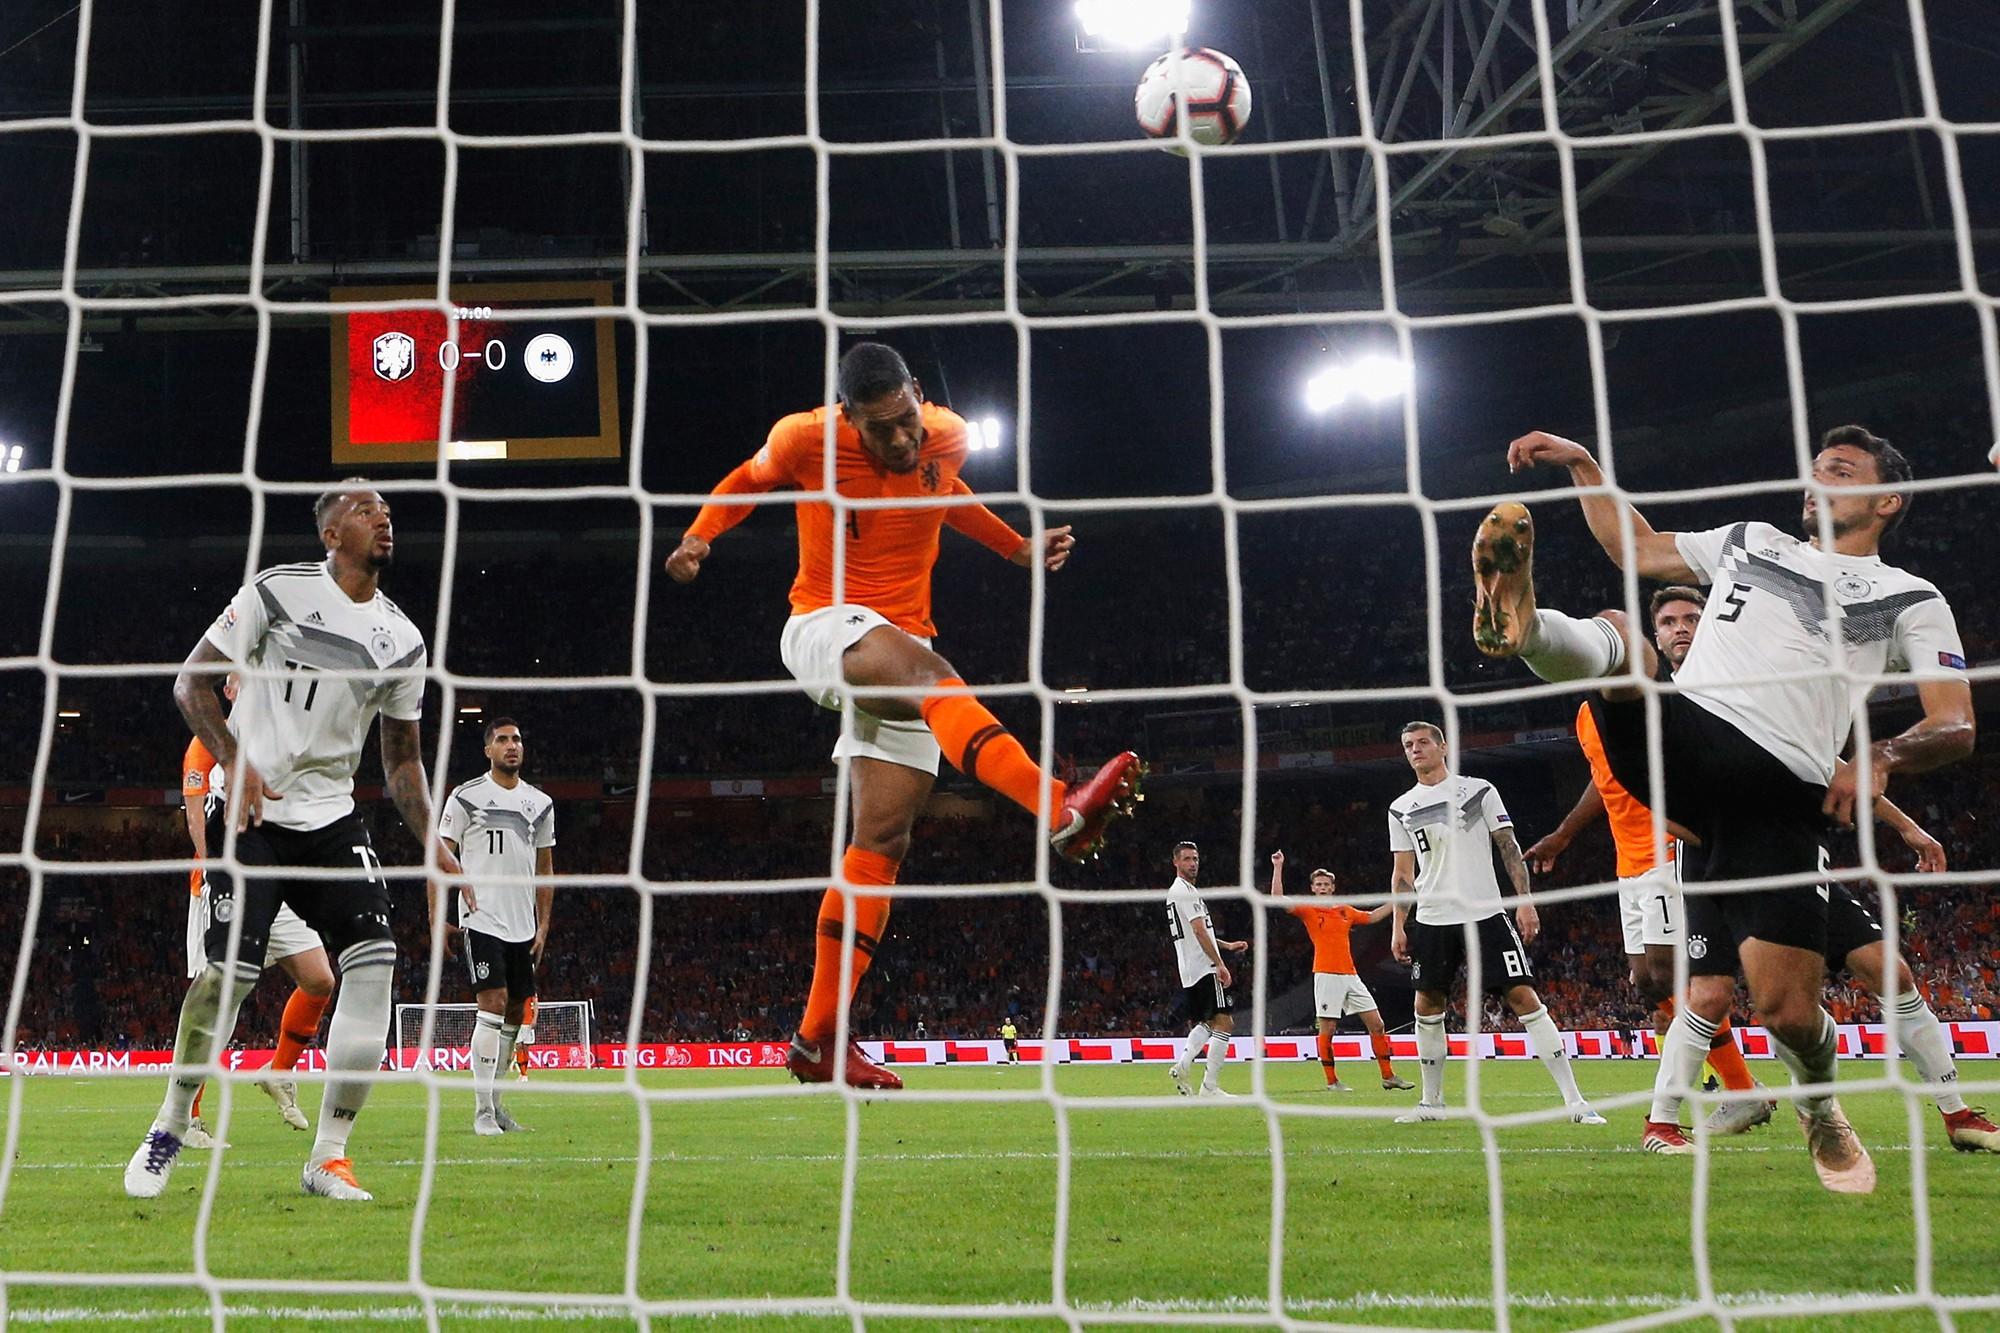 Tuyển Đức lần đầu thua sấp mặt khó tin trước Hà Lan - Ảnh 4.